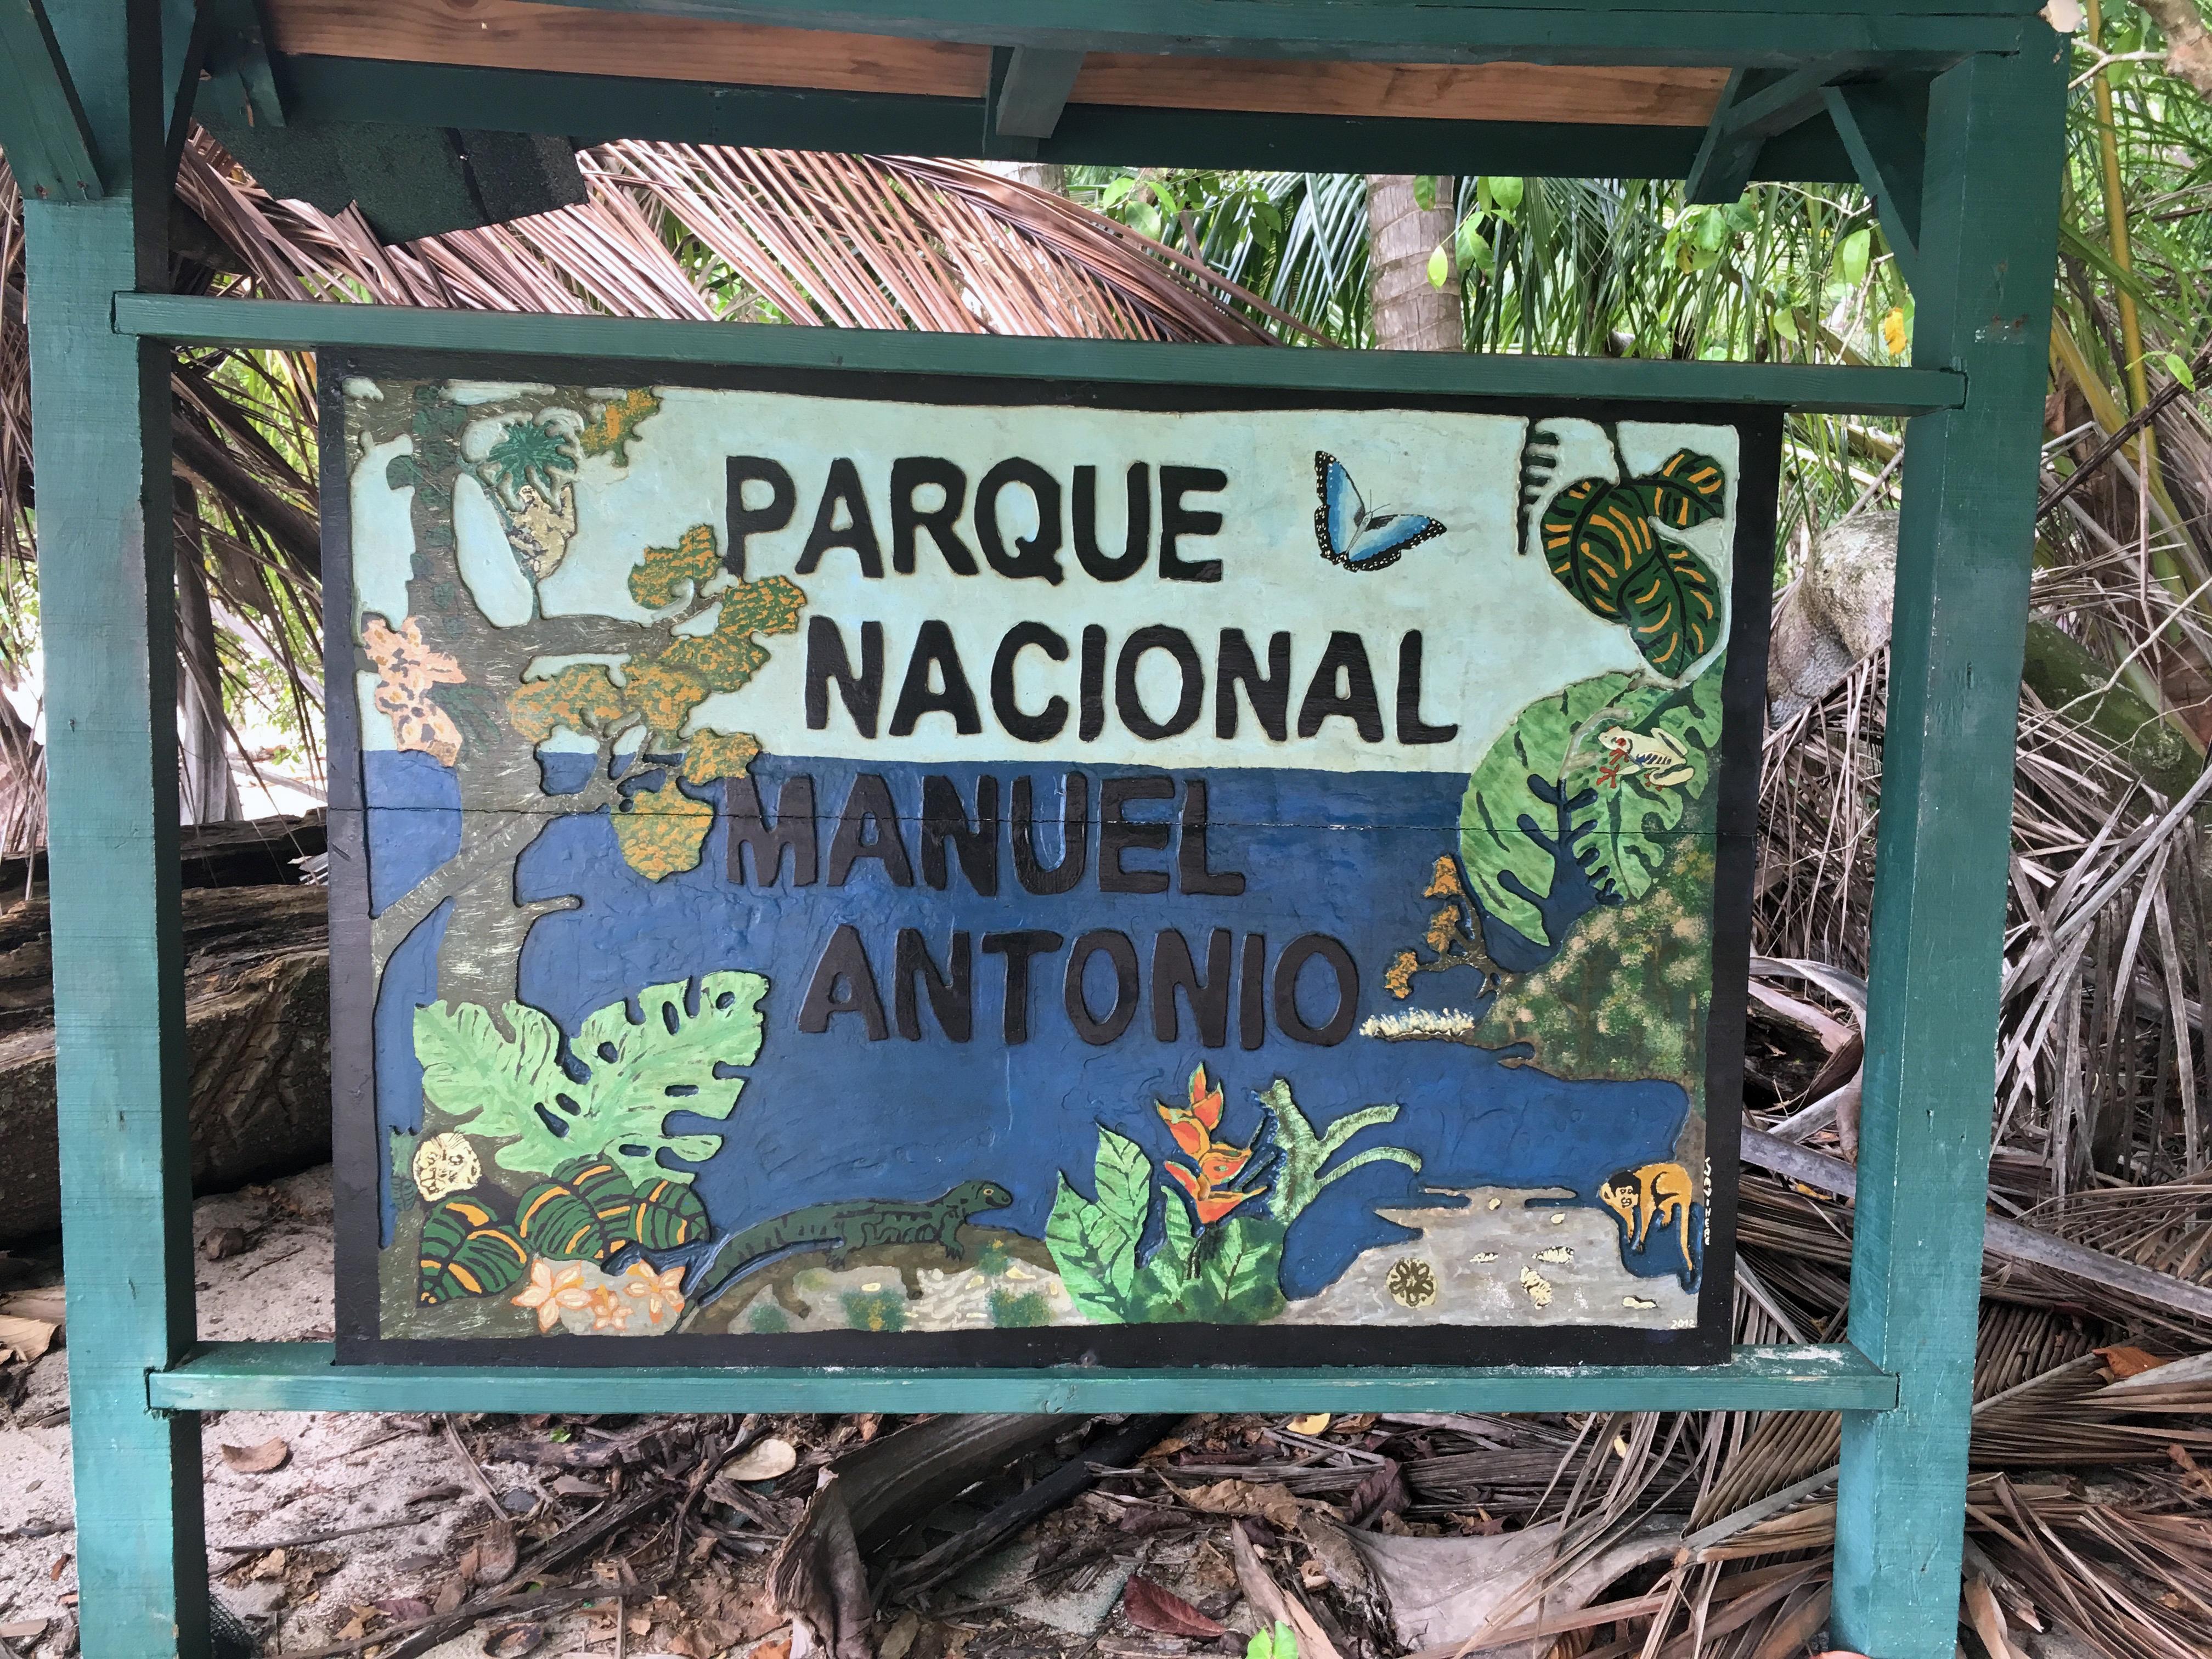 Un parque pequeño, pero matón - Costa Rica Gran Viaje Tortuguero, Arenal, Monteverde y Manuel Antonio